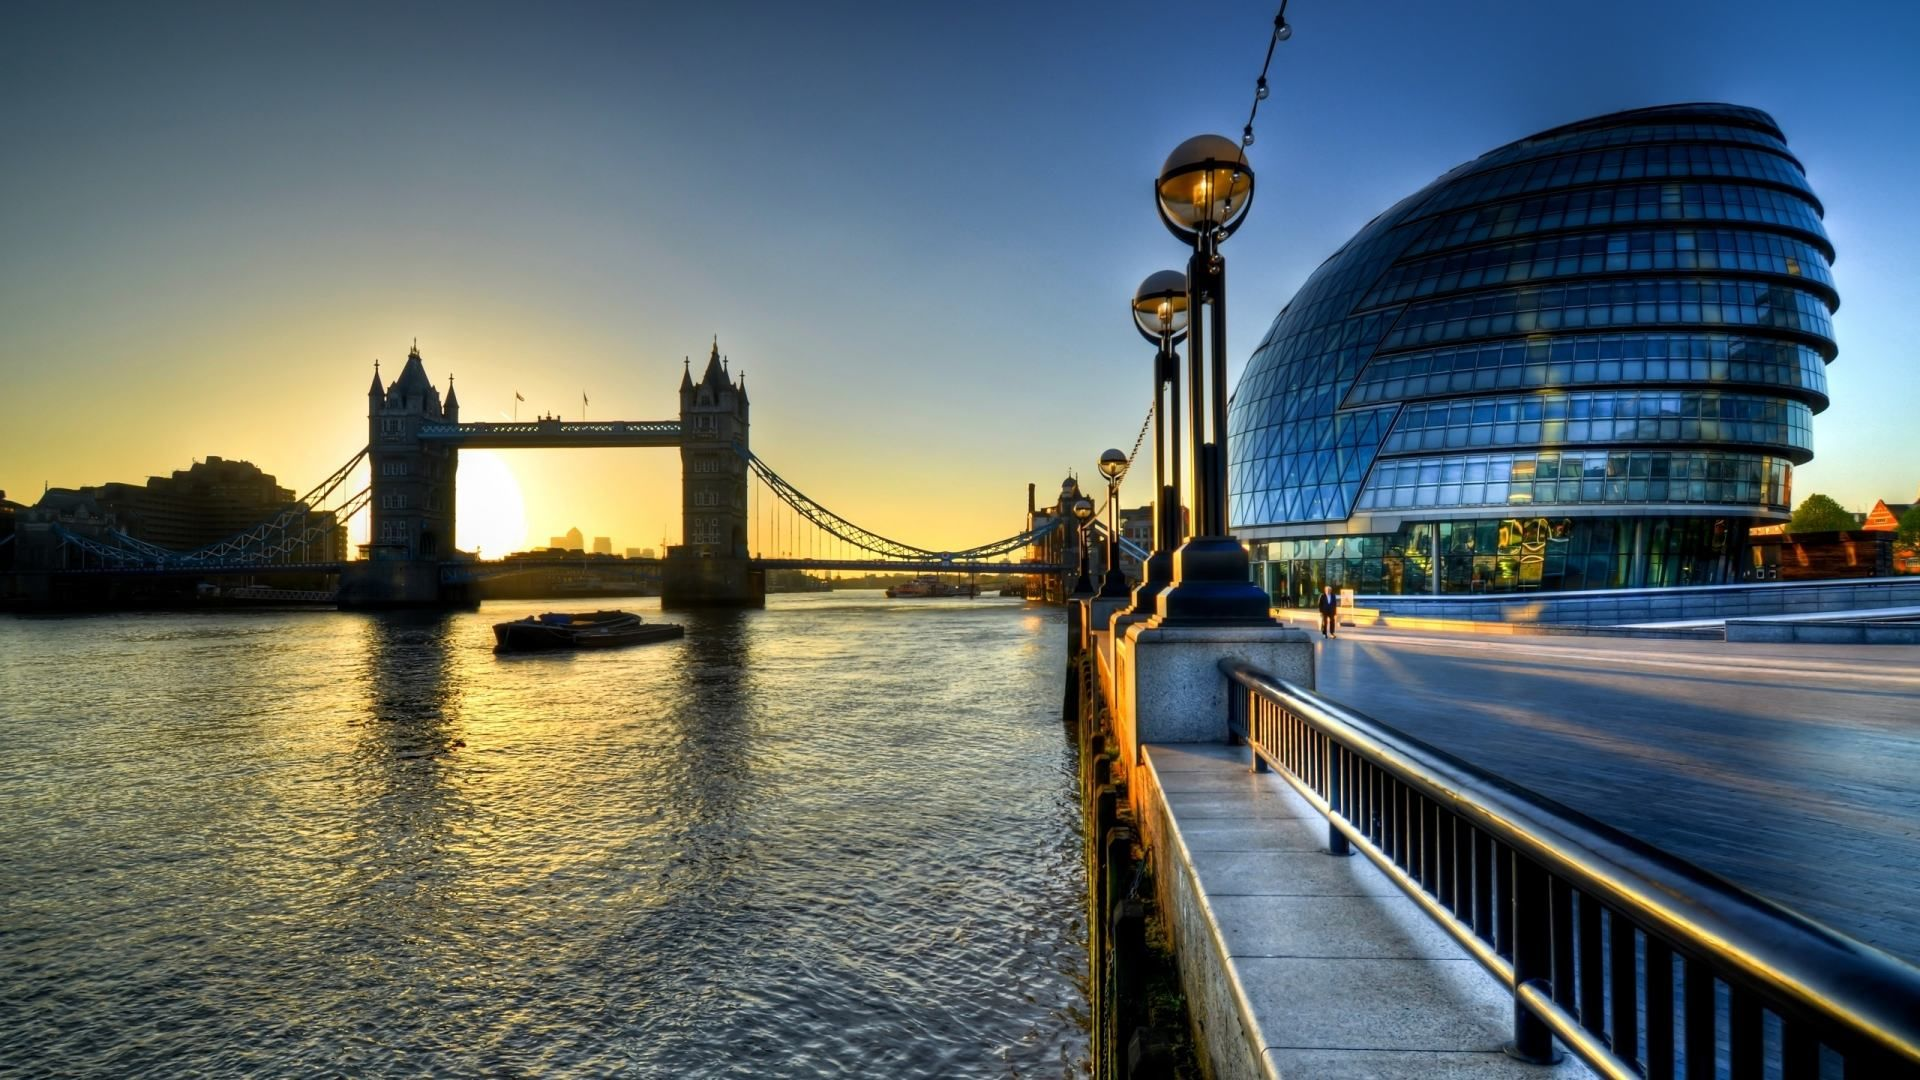 Awesome London City Desktop Wallpaper Hd 6 Gang Wallpaper Tower Bridge London Bridge Wallpaper London Wallpaper